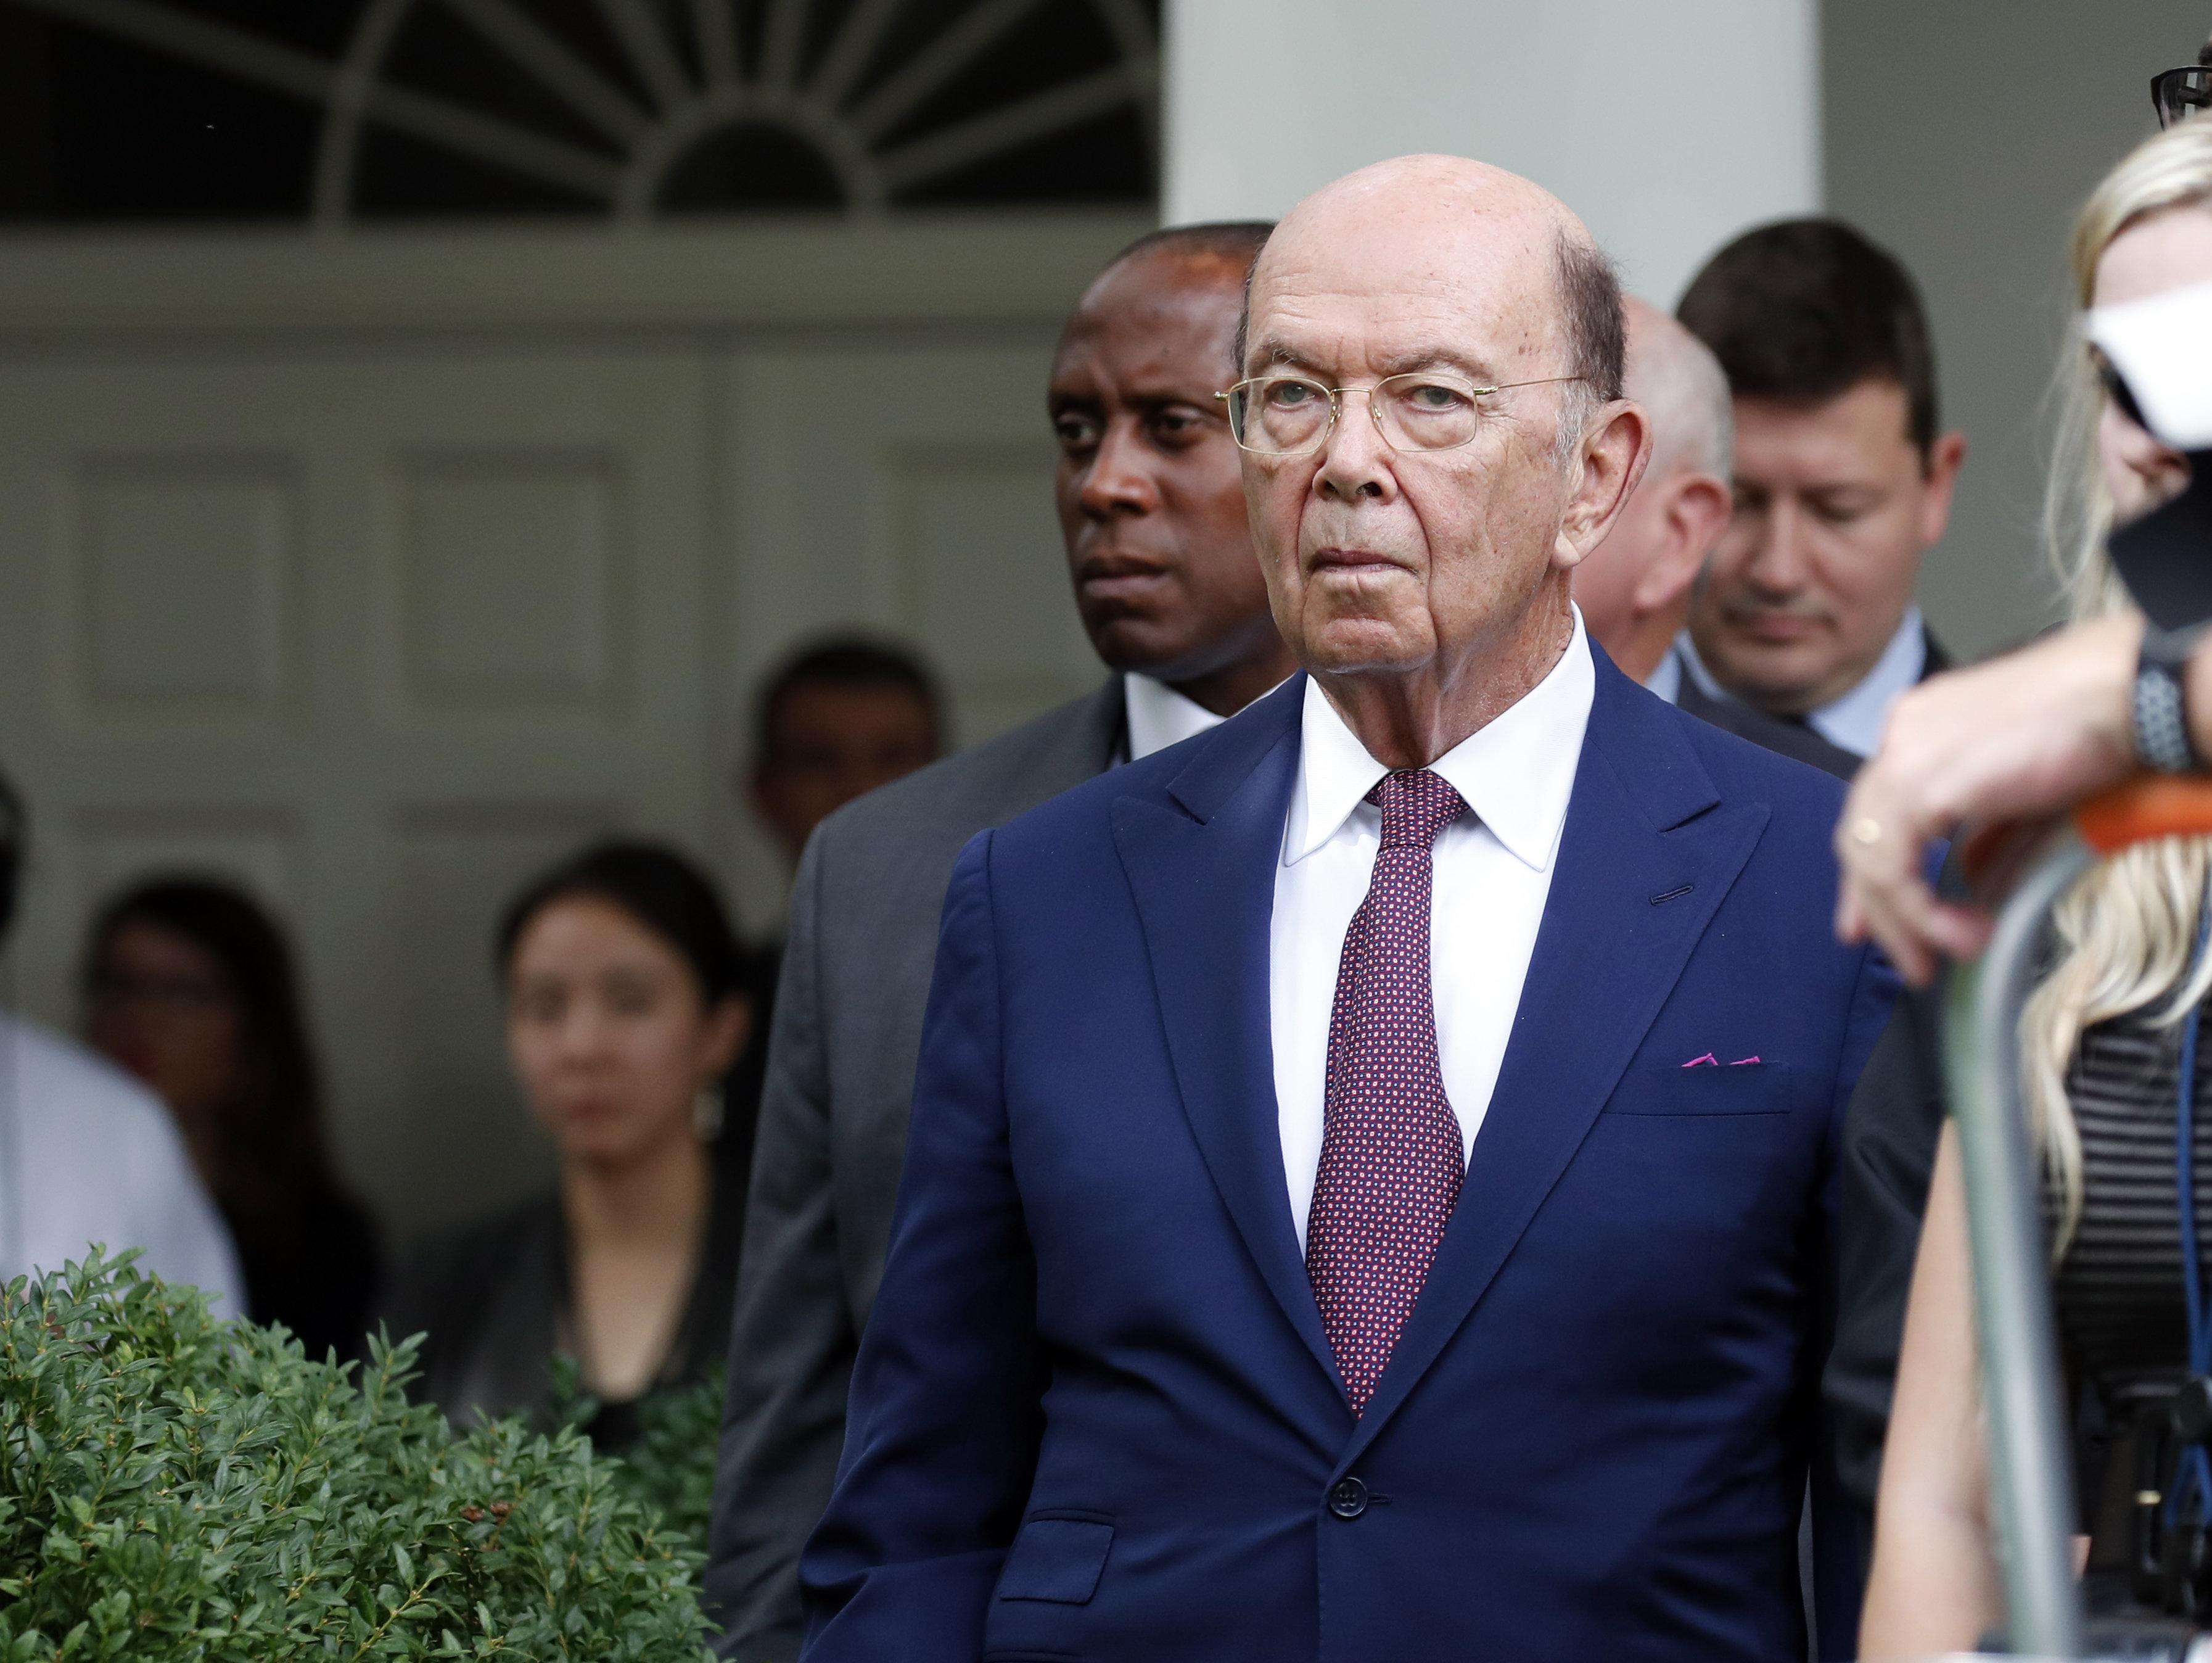 ARCHIVO - En esta fotografía de archivo del 25 de julio de 2018, el secretario de Comercio Wilbur Ross está en la rosaleda de la Casa Blanca en Washington. (AP Foto/Alex Brandon, Archivo)